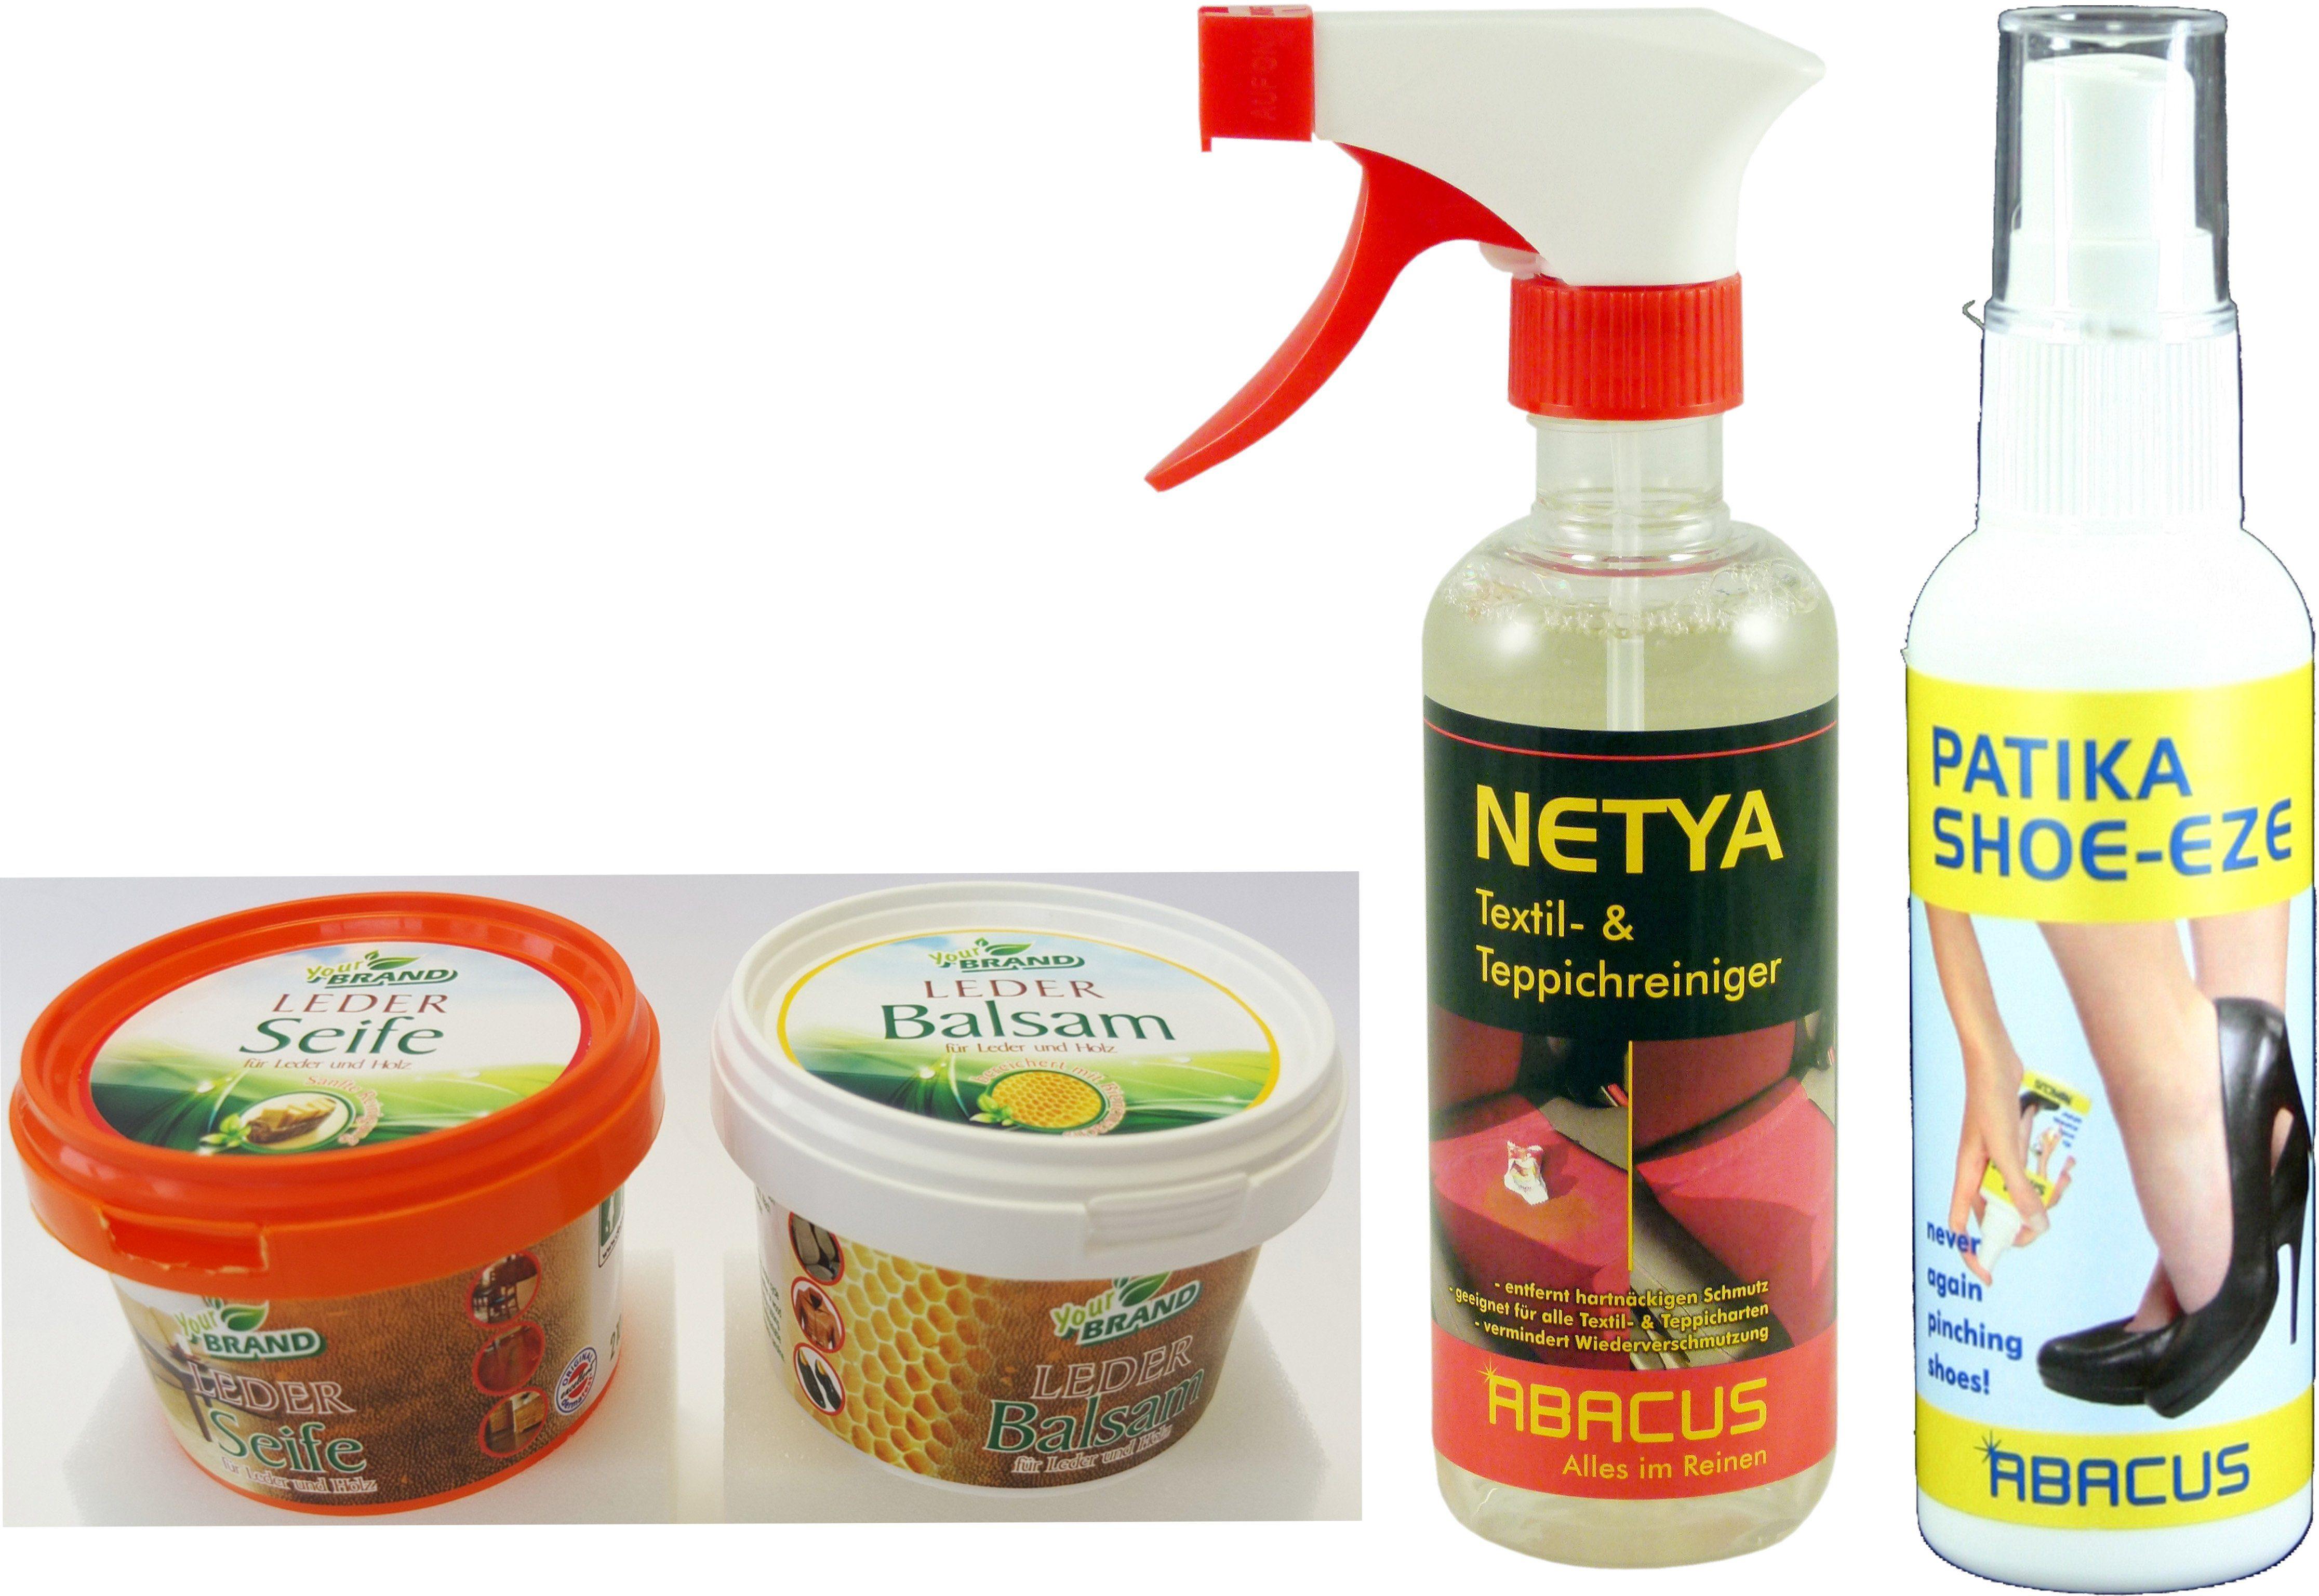 Maximex Pflege- und Reinigungs-Set, 3-teilig